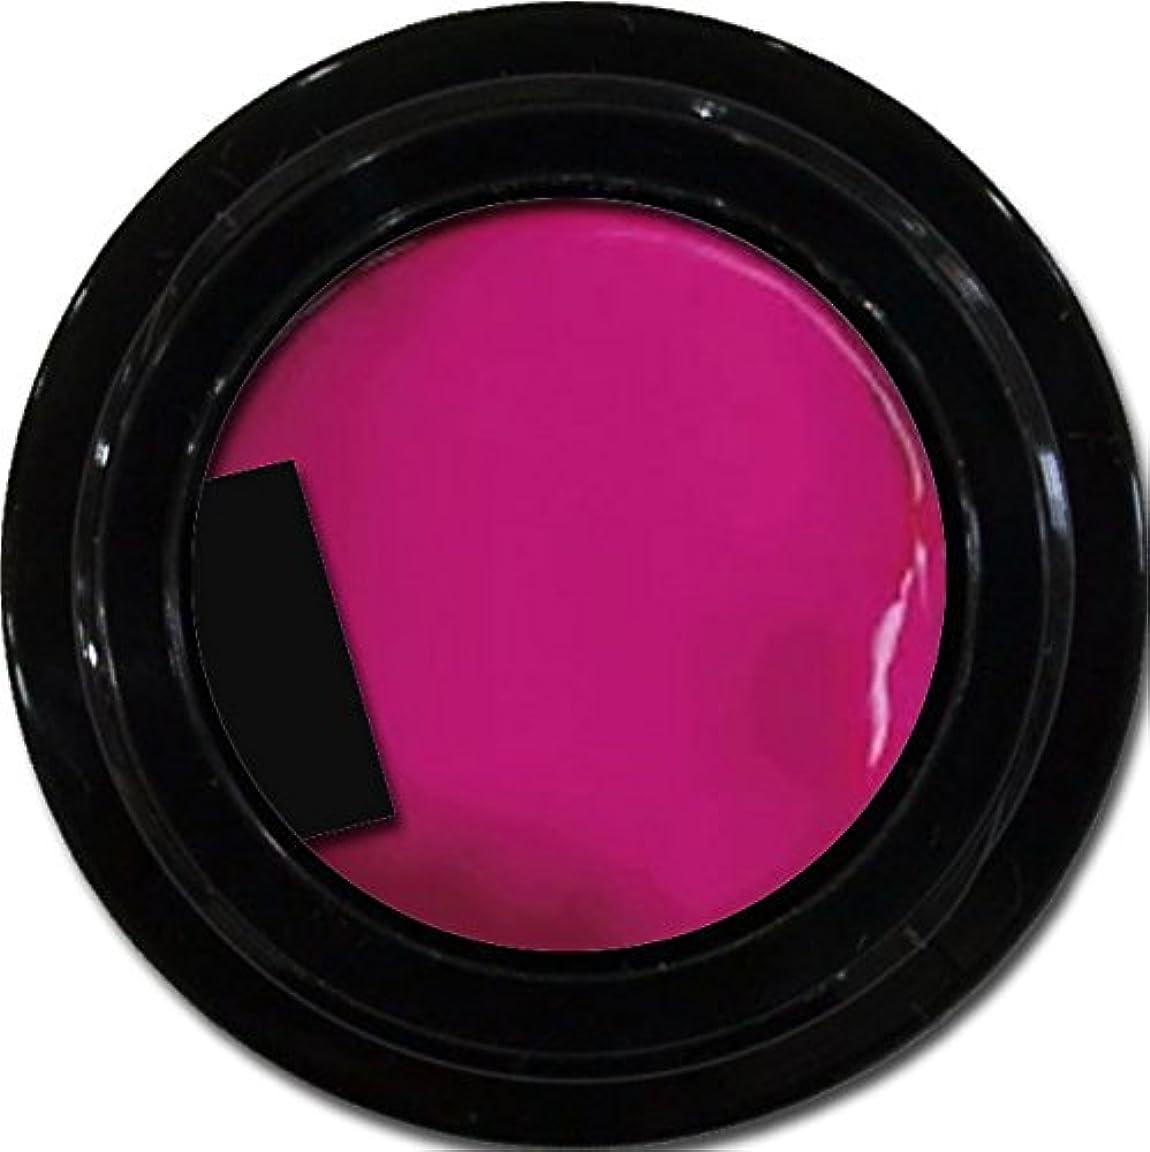 困惑するスマッシュどこかカラージェル enchant color gel M214 NeoPink 3g/ マットカラージェル M214 ネオピンク 3グラム